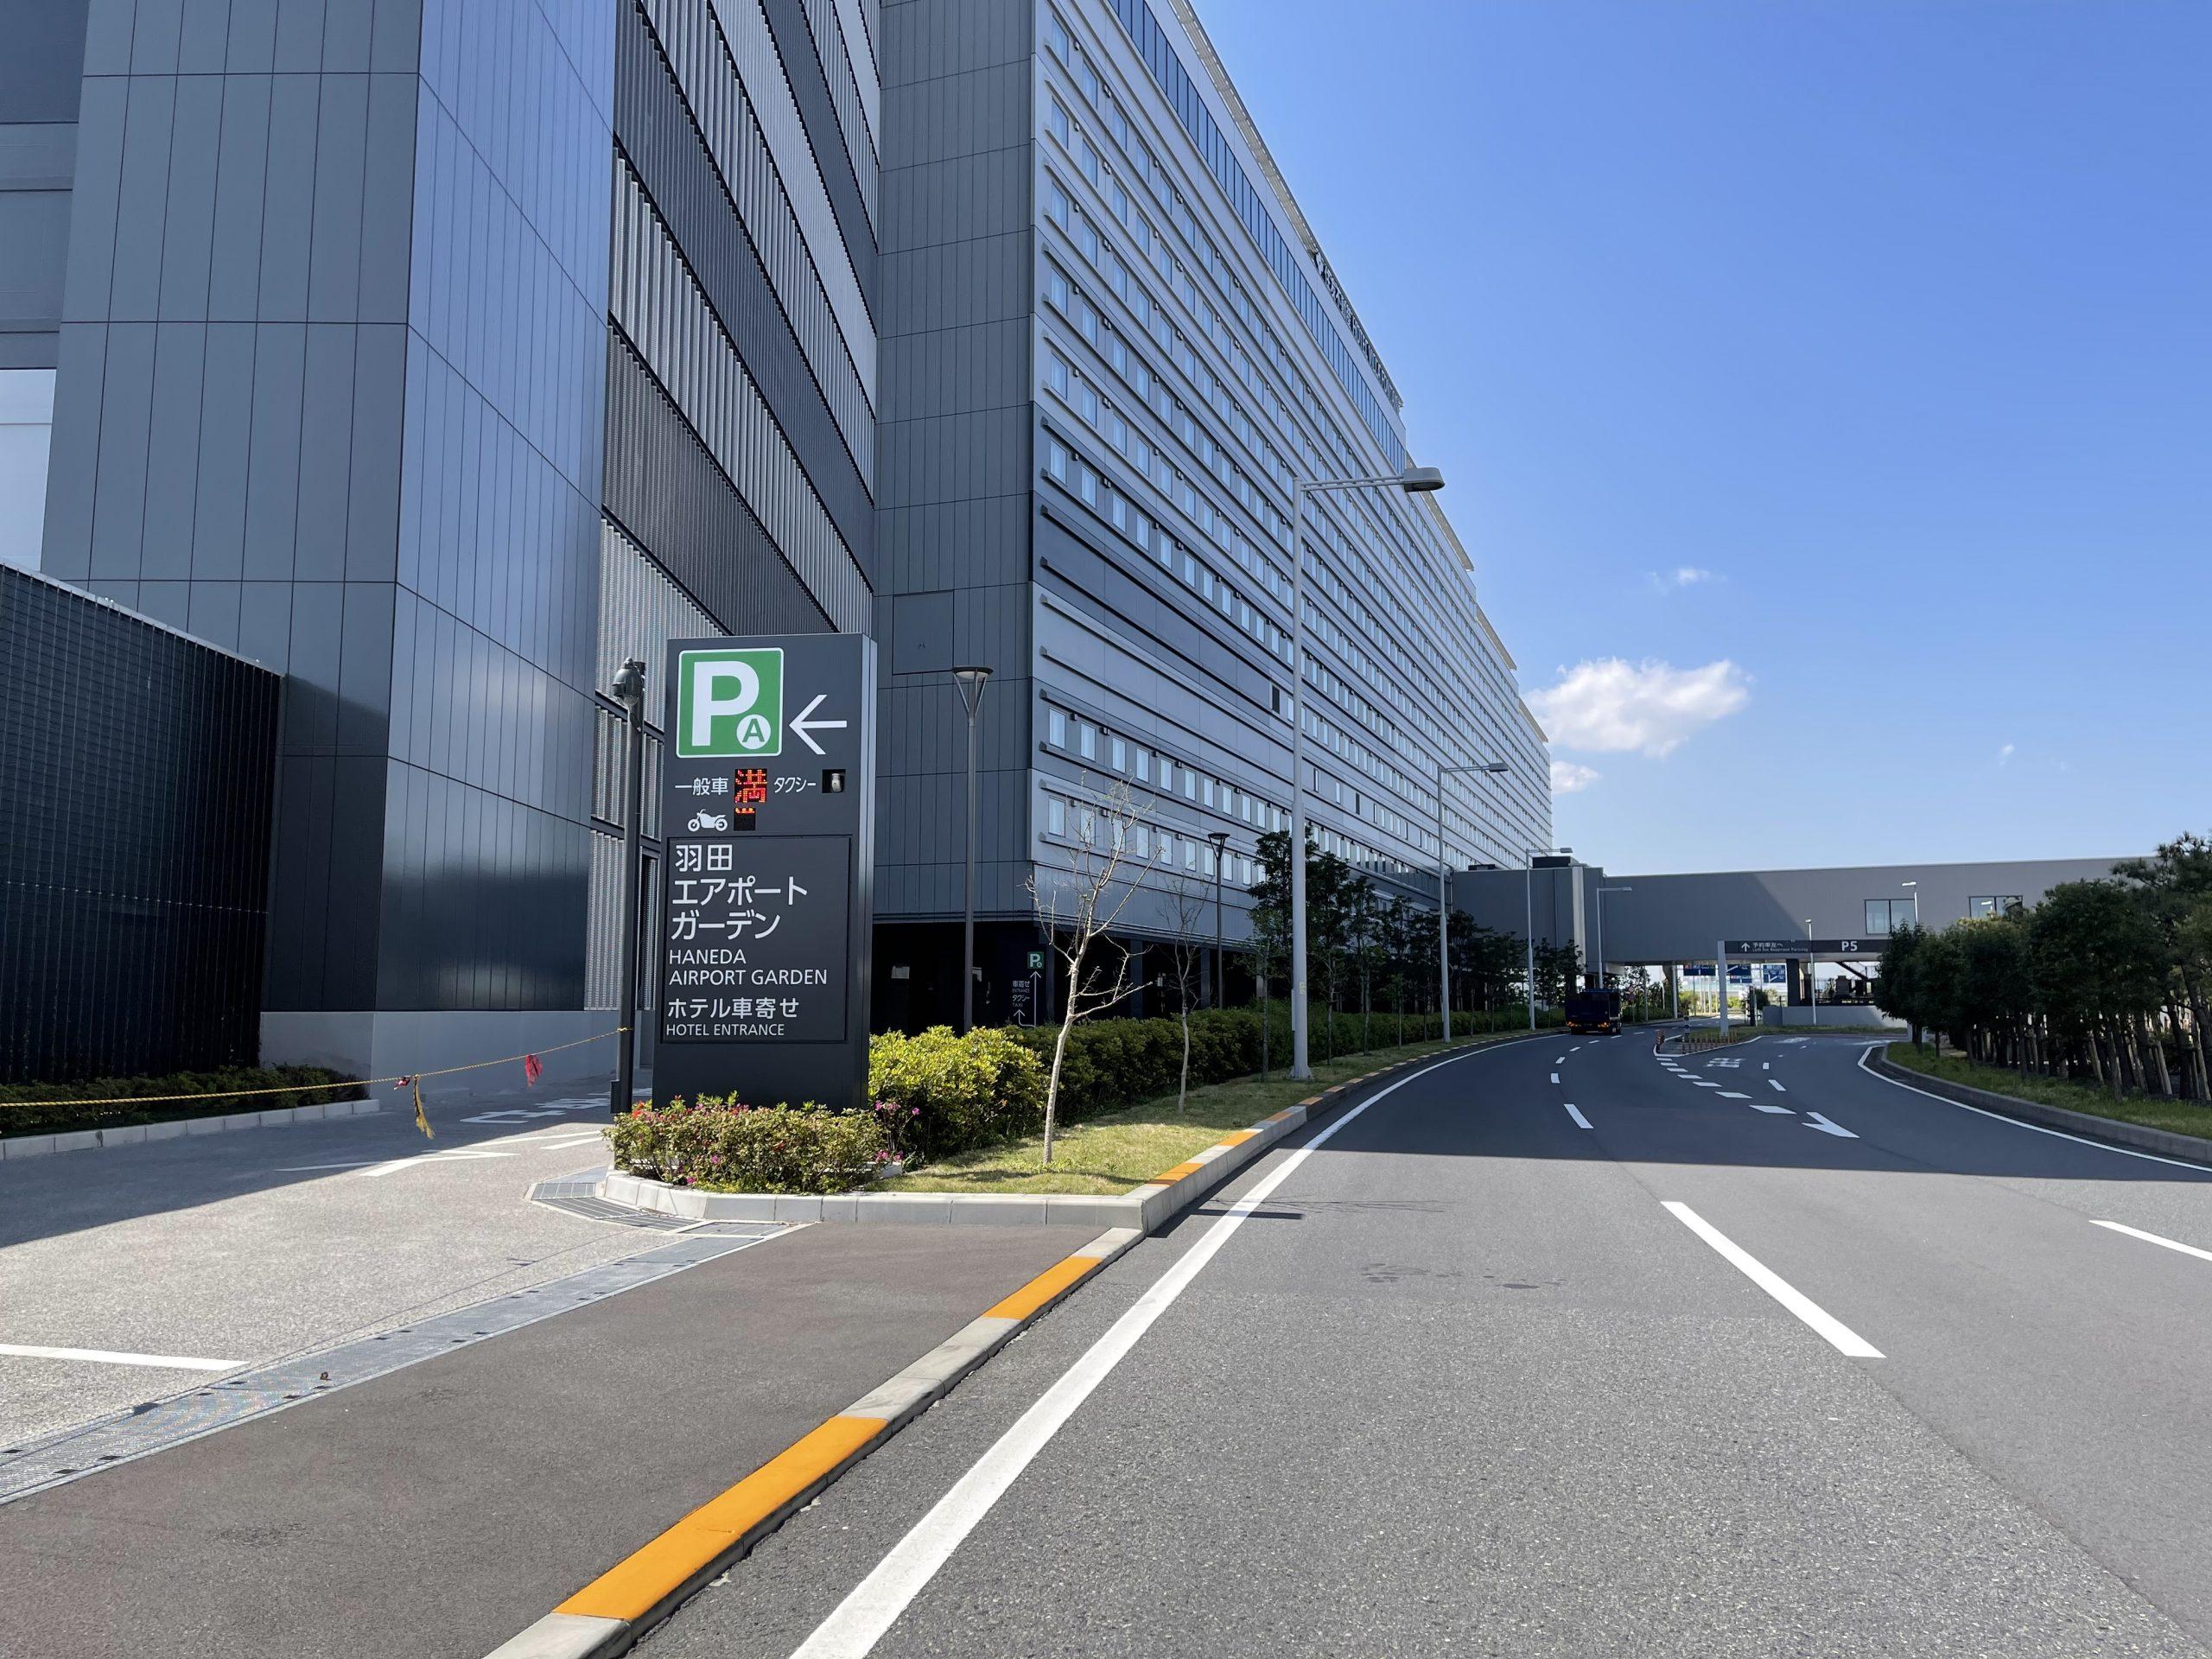 羽田エアポートガーデン駐車場入口